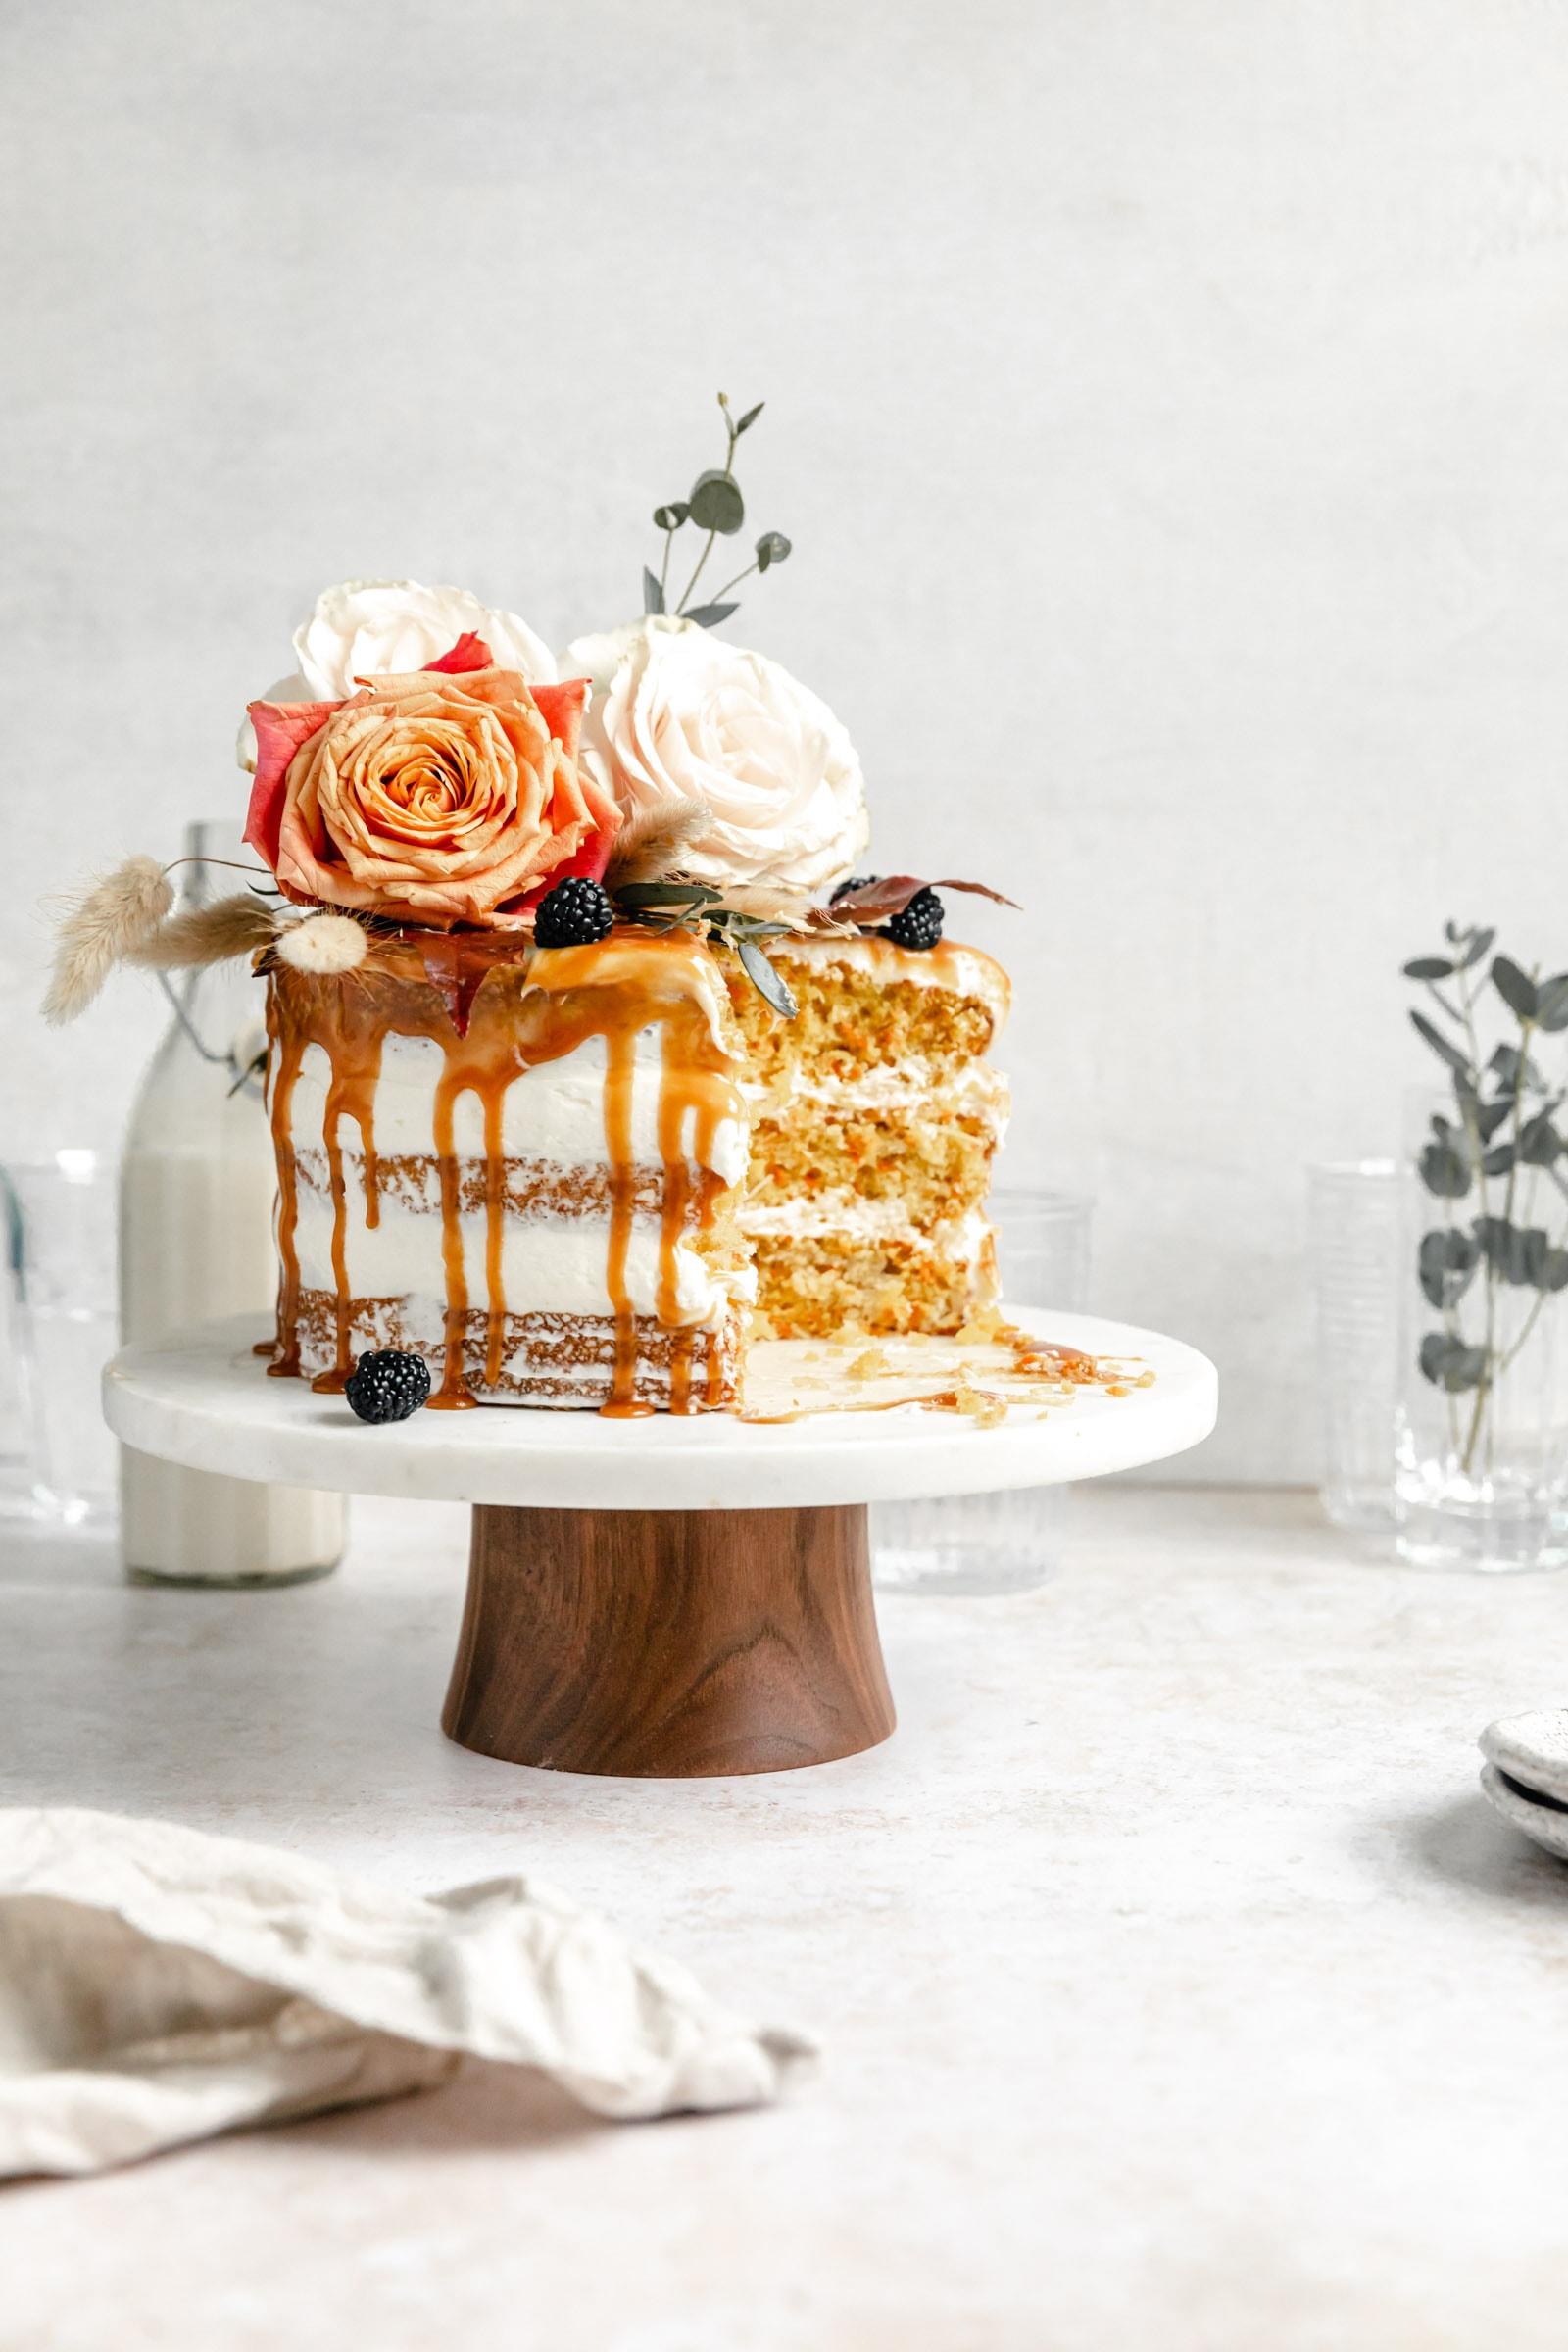 cardamom carrot cake